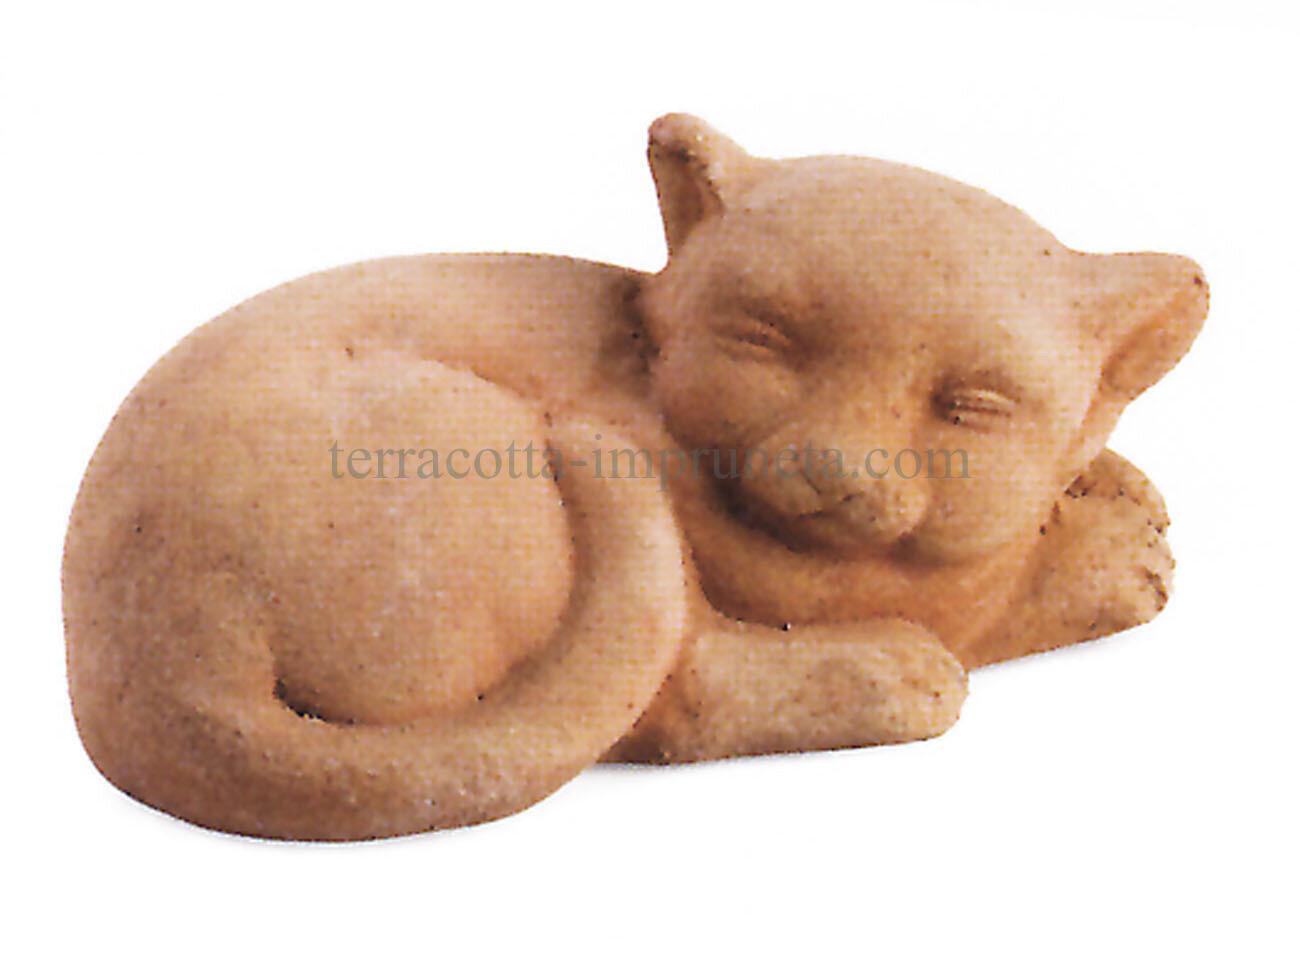 Gatto sdraiato- Die schlafende Terracotta-Katze